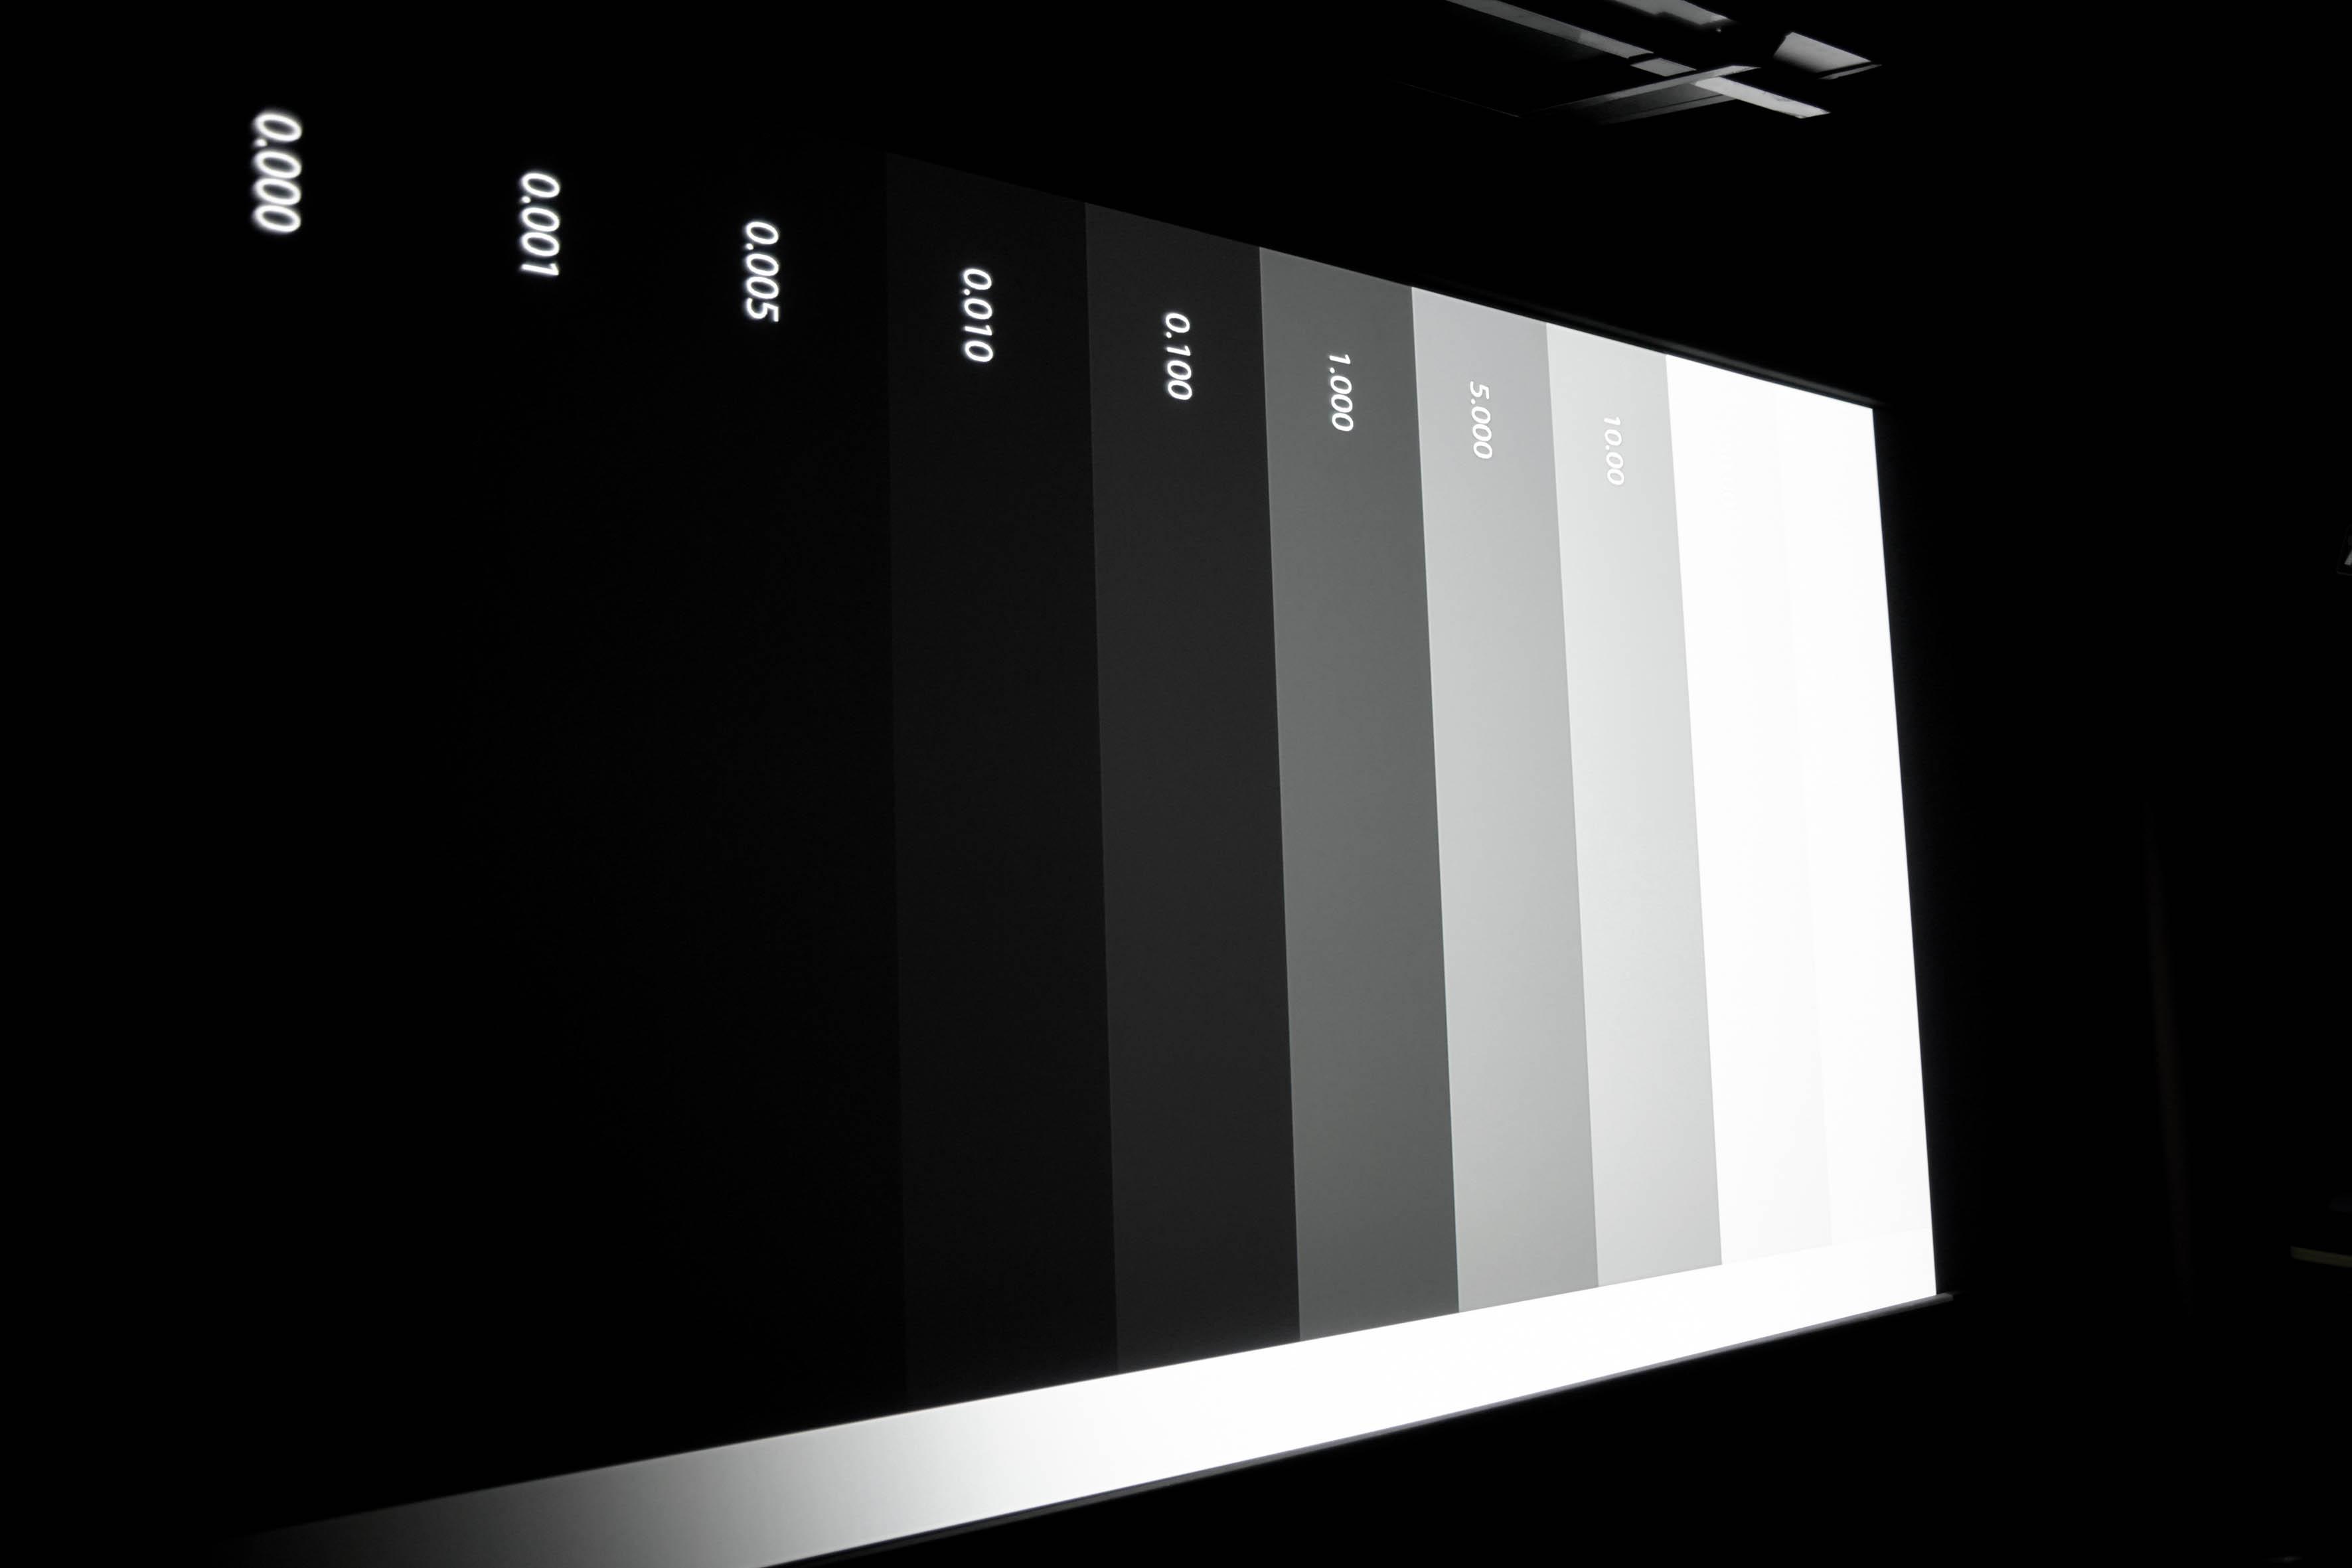 Es sind alle Abstufungen ab 0,005 Nits zu sehen. 0,001 Nits ist das bestmögliche Schwarz.